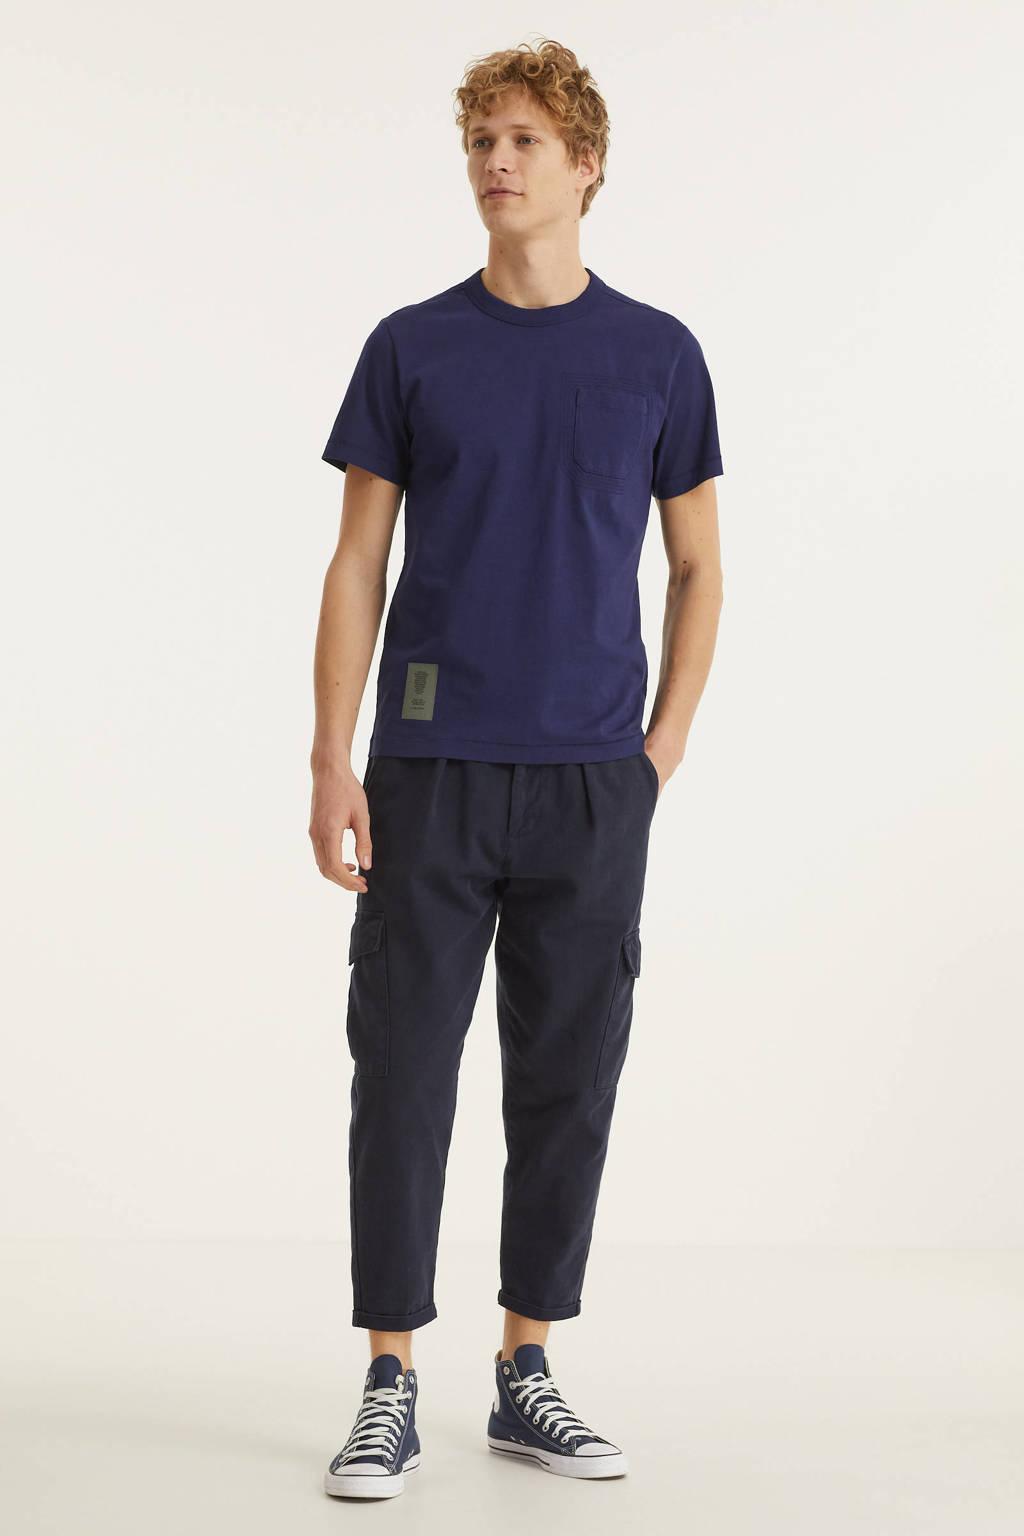 G-Star RAW T-shirt Stitch van biologisch katoen warm sartho, Warm sartho